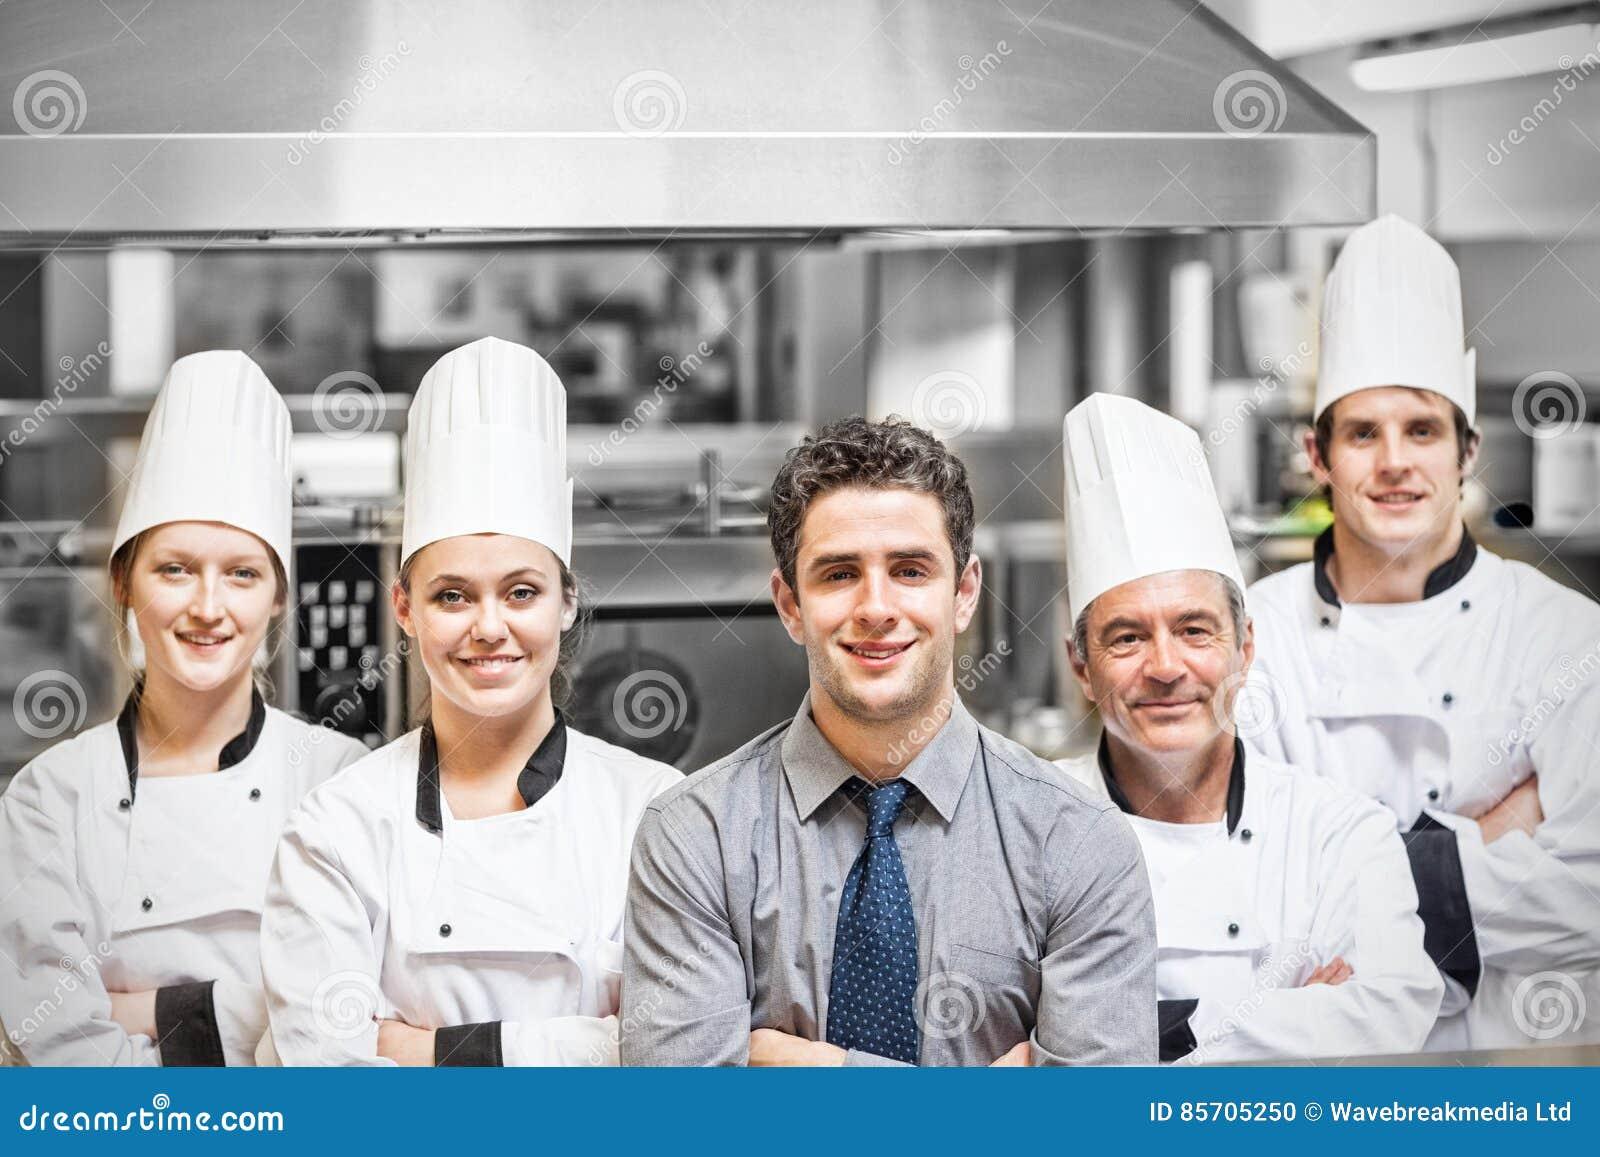 Менеджер с портретом шеф-поваров в профессиональной кухне